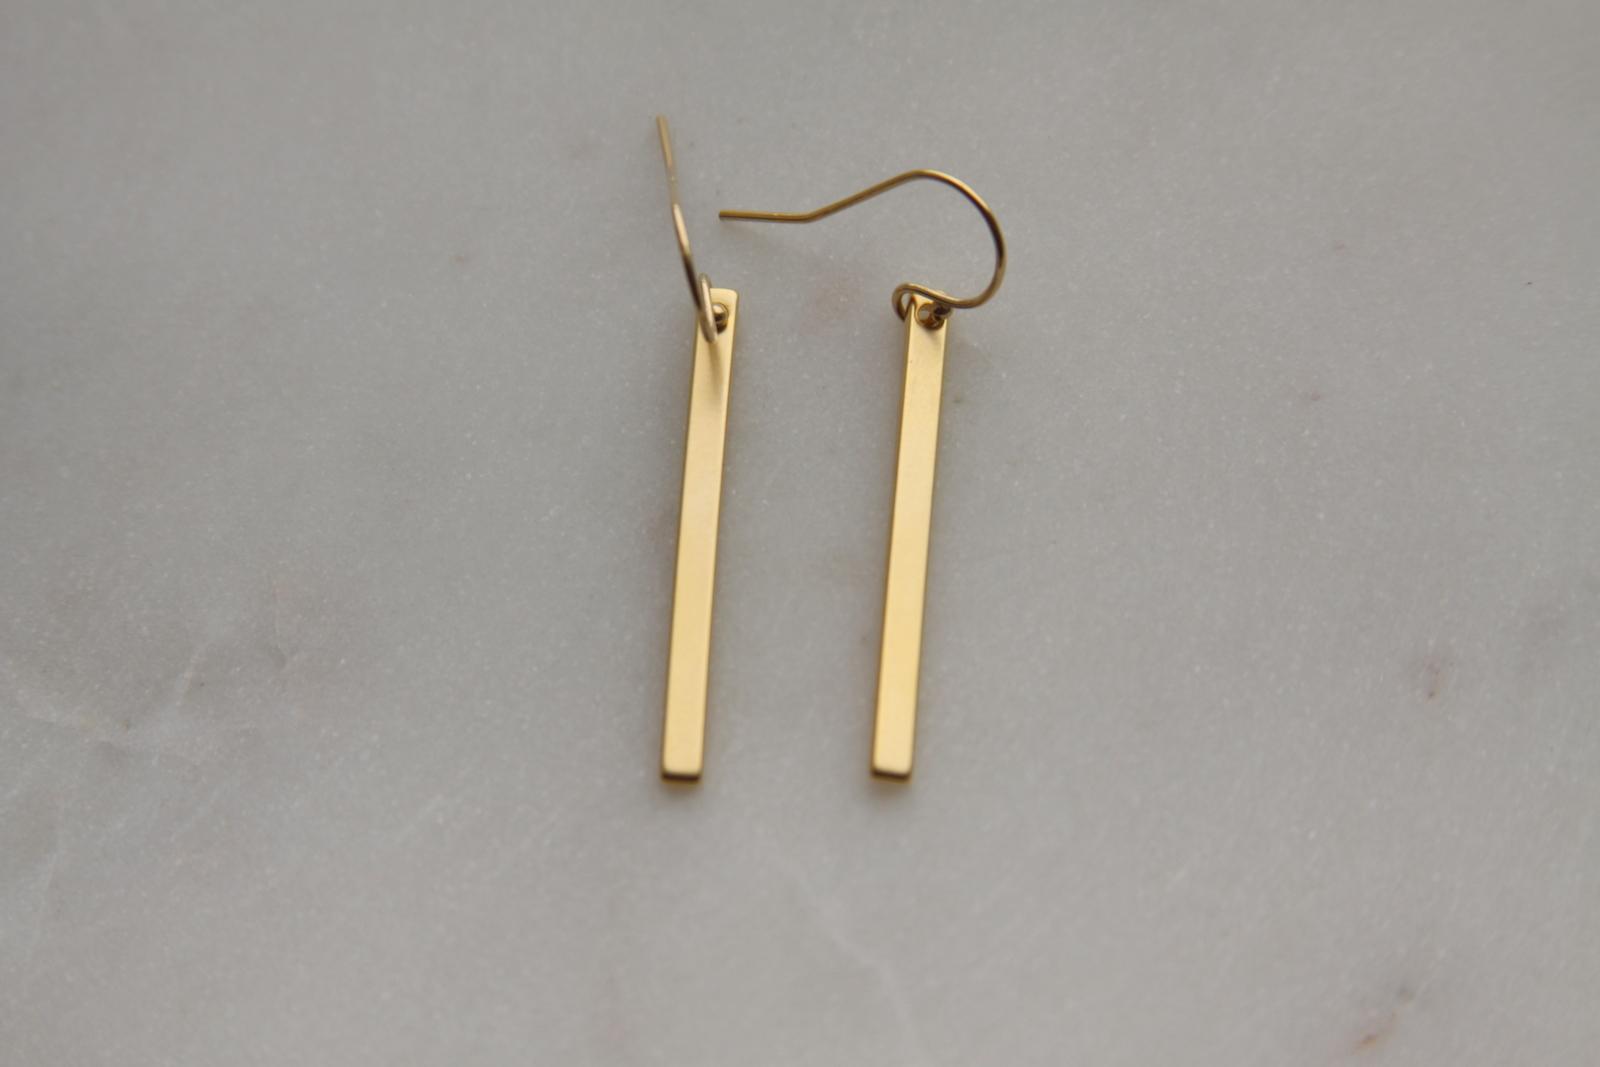 Gold Stick Earrings